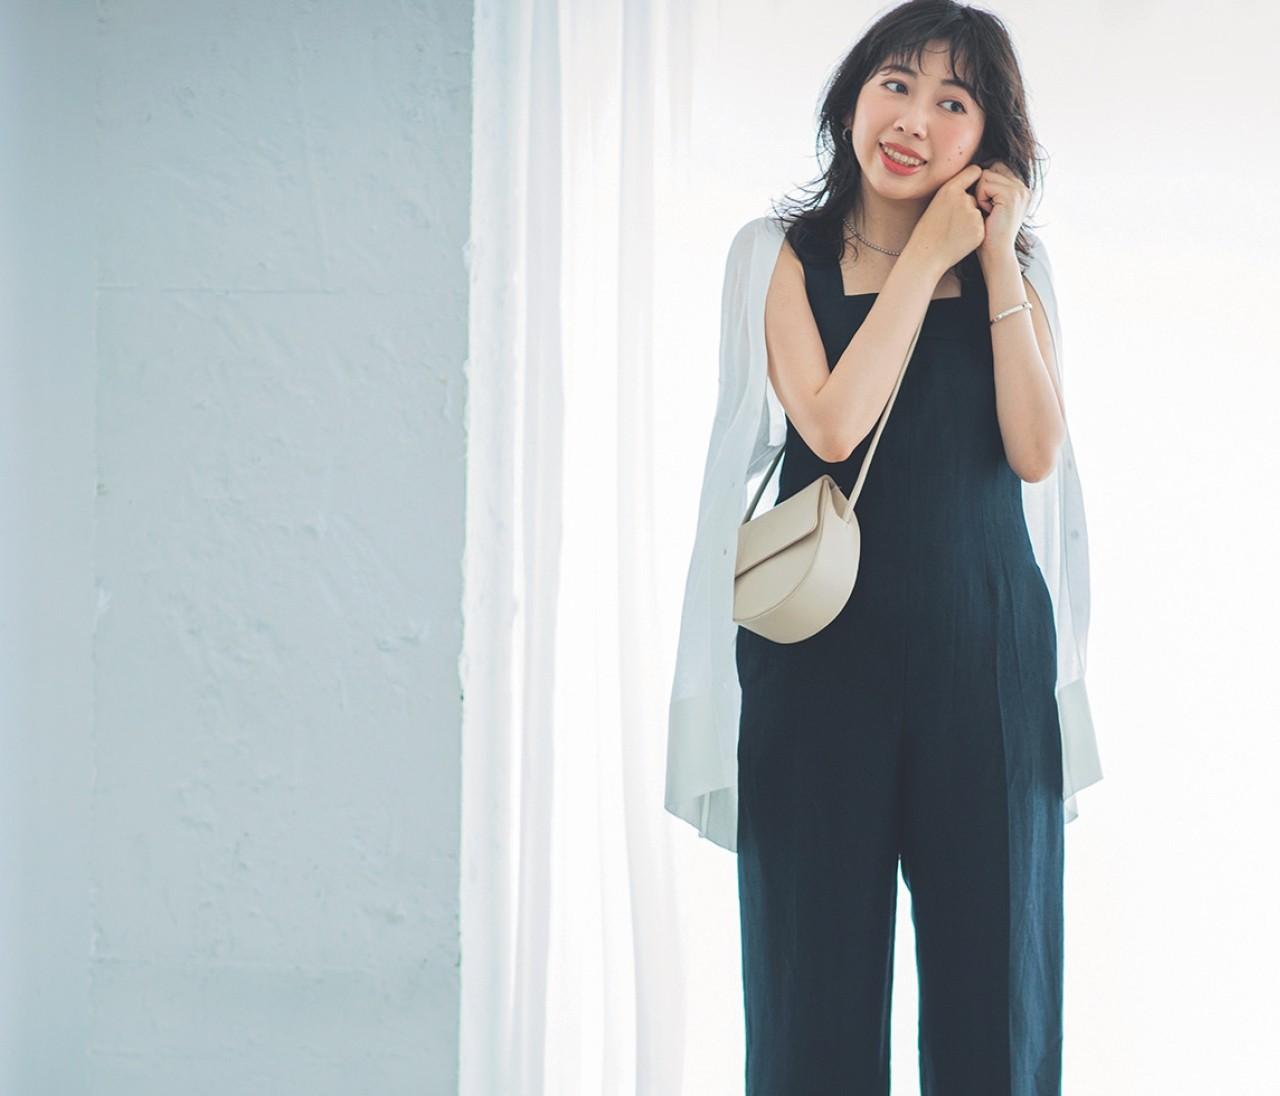 【30代女子の夏ファッションQ&A】上品な肌見せコーデとは?